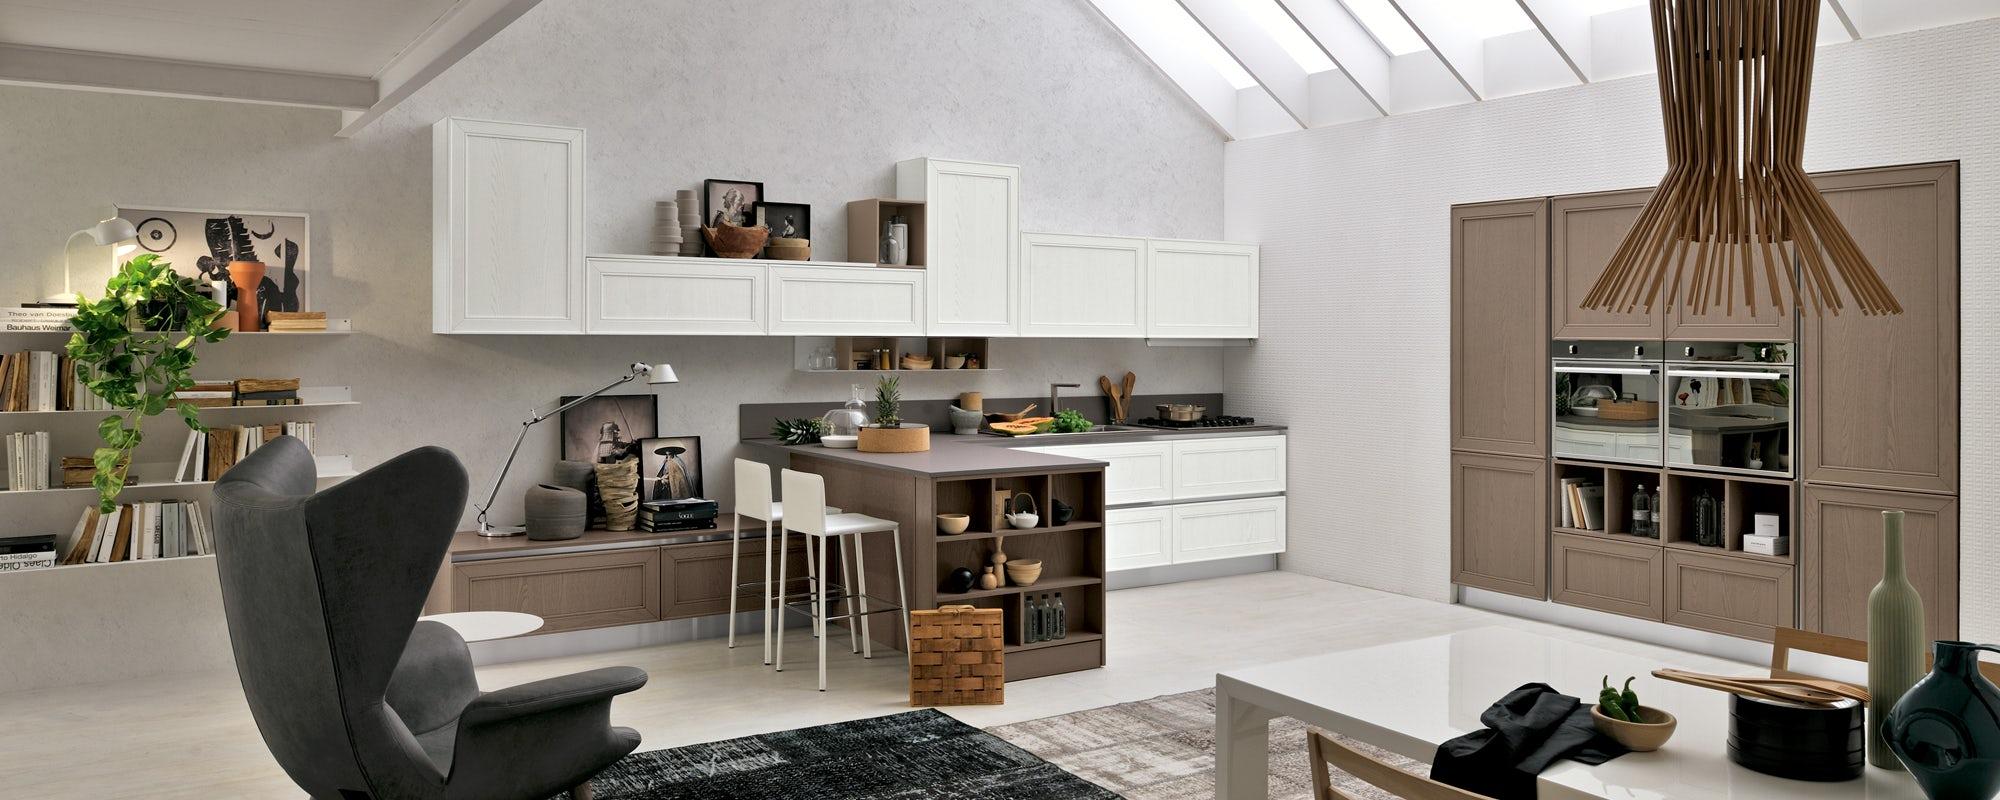 Cucina Stosa Maxim Lecce